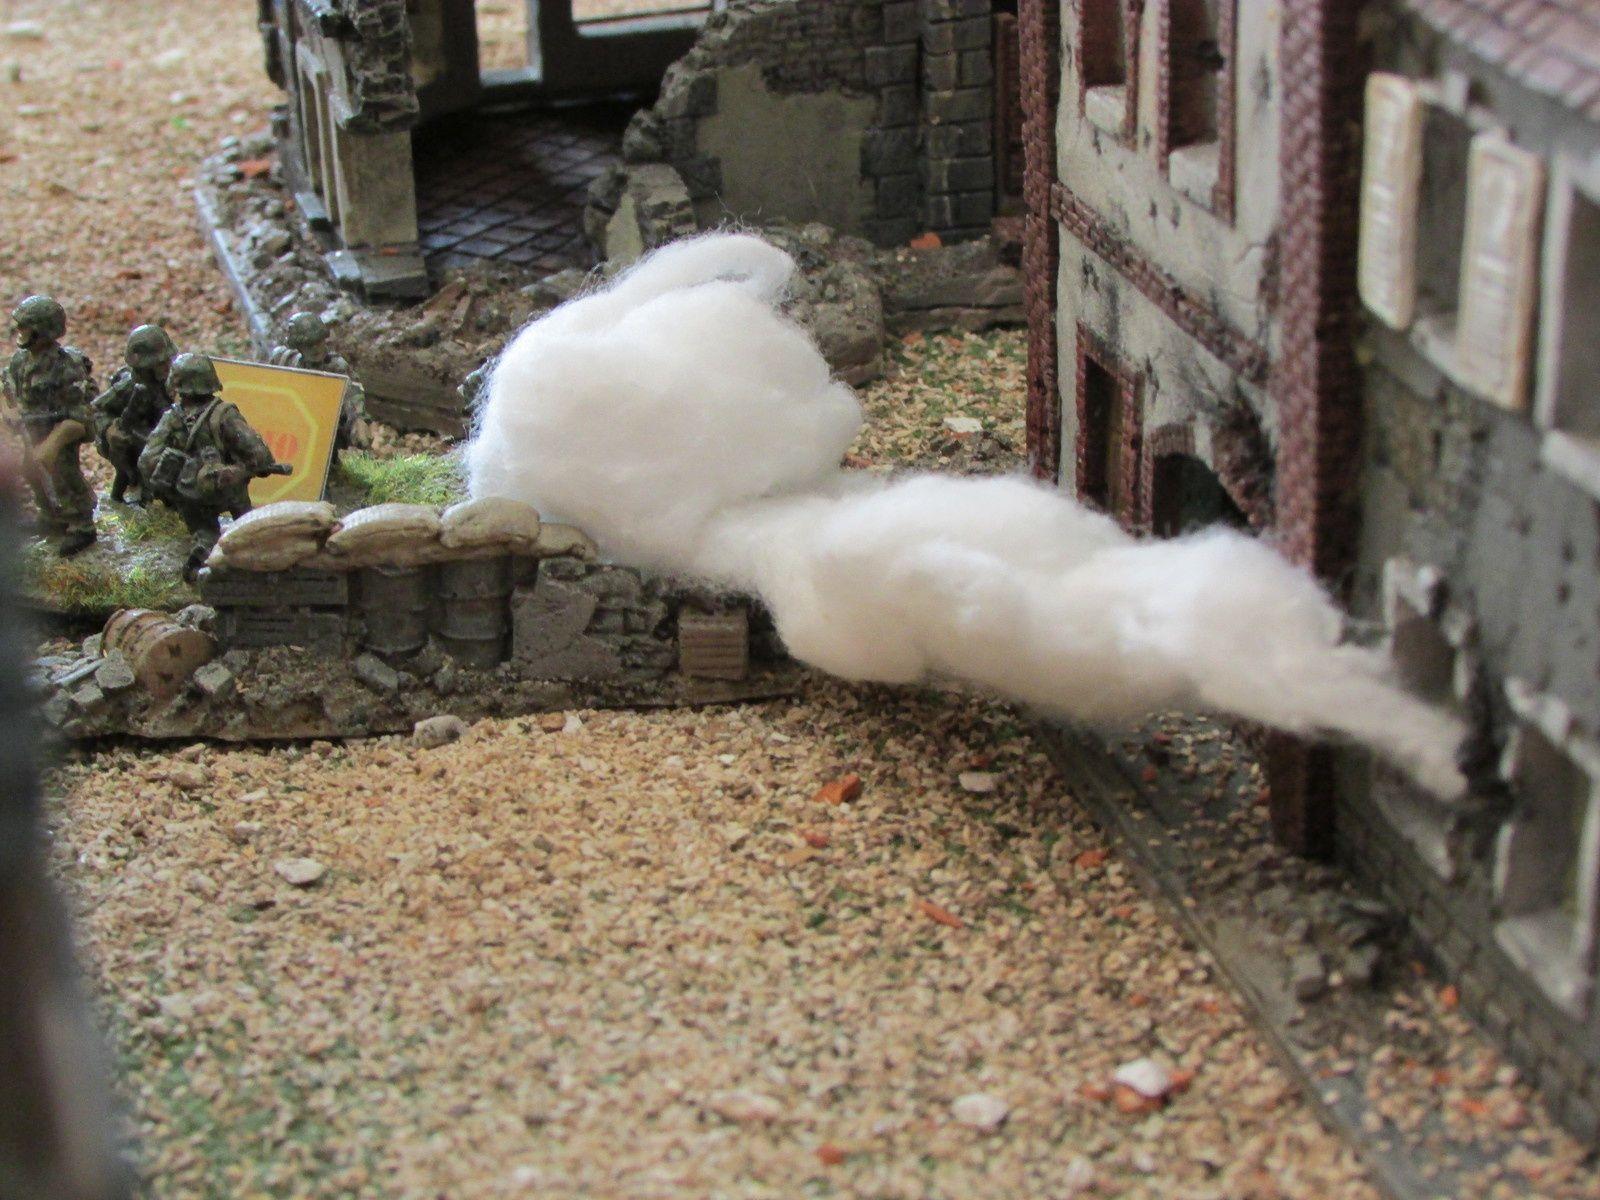 Une section de SS profite du fumigène pour faire un assaut sur la section enfumée. Elle se retrouve Demo après avoir essuyé des tirs. Pour couronner le tout, un lance flamme et un churchill finissent  le travail. La section SS fini brulé et écrasé...